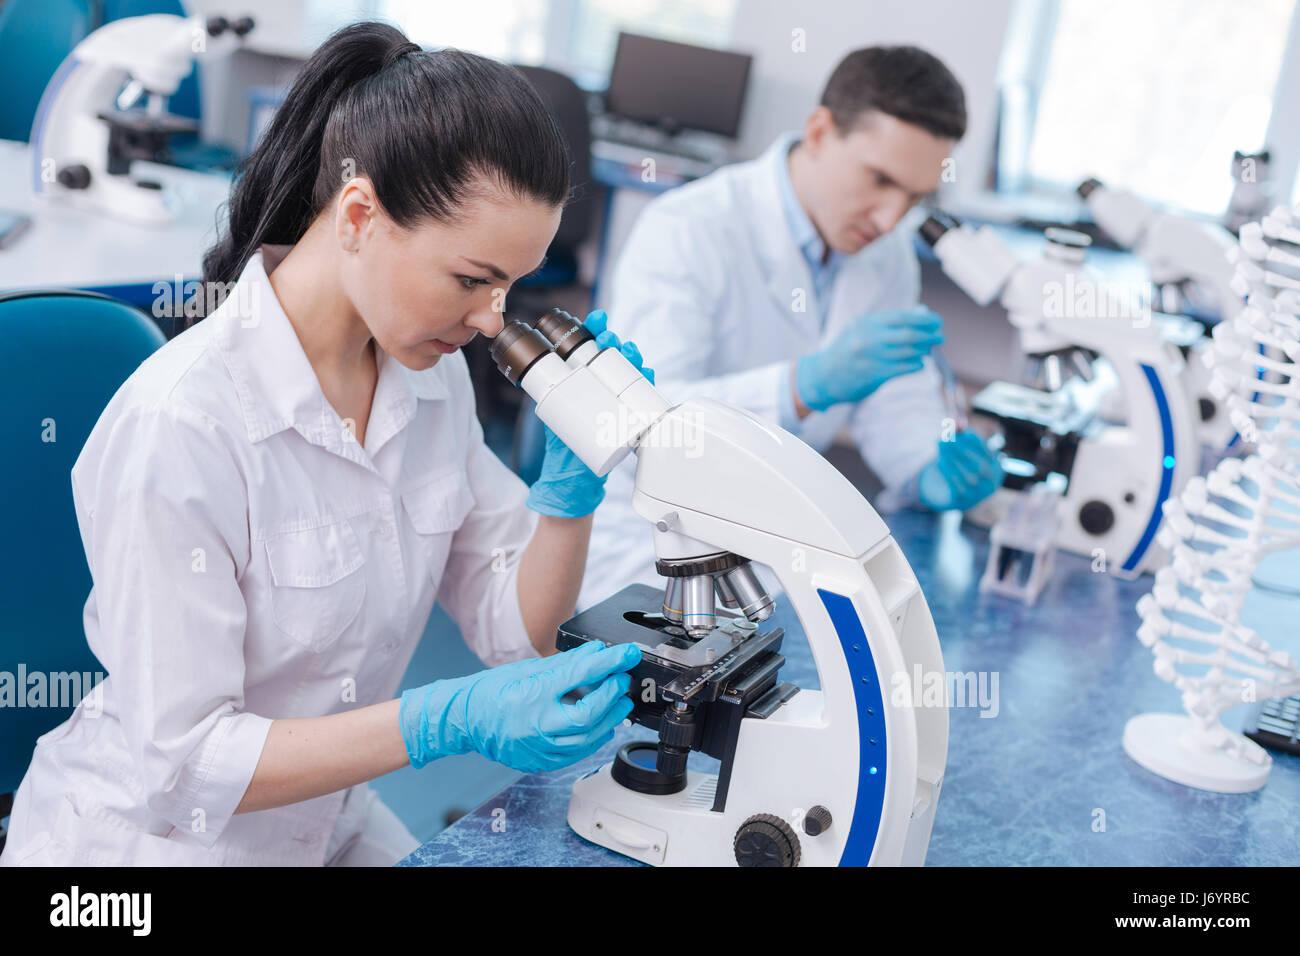 Molto attento scienziato che guarda nel microscopio Immagini Stock